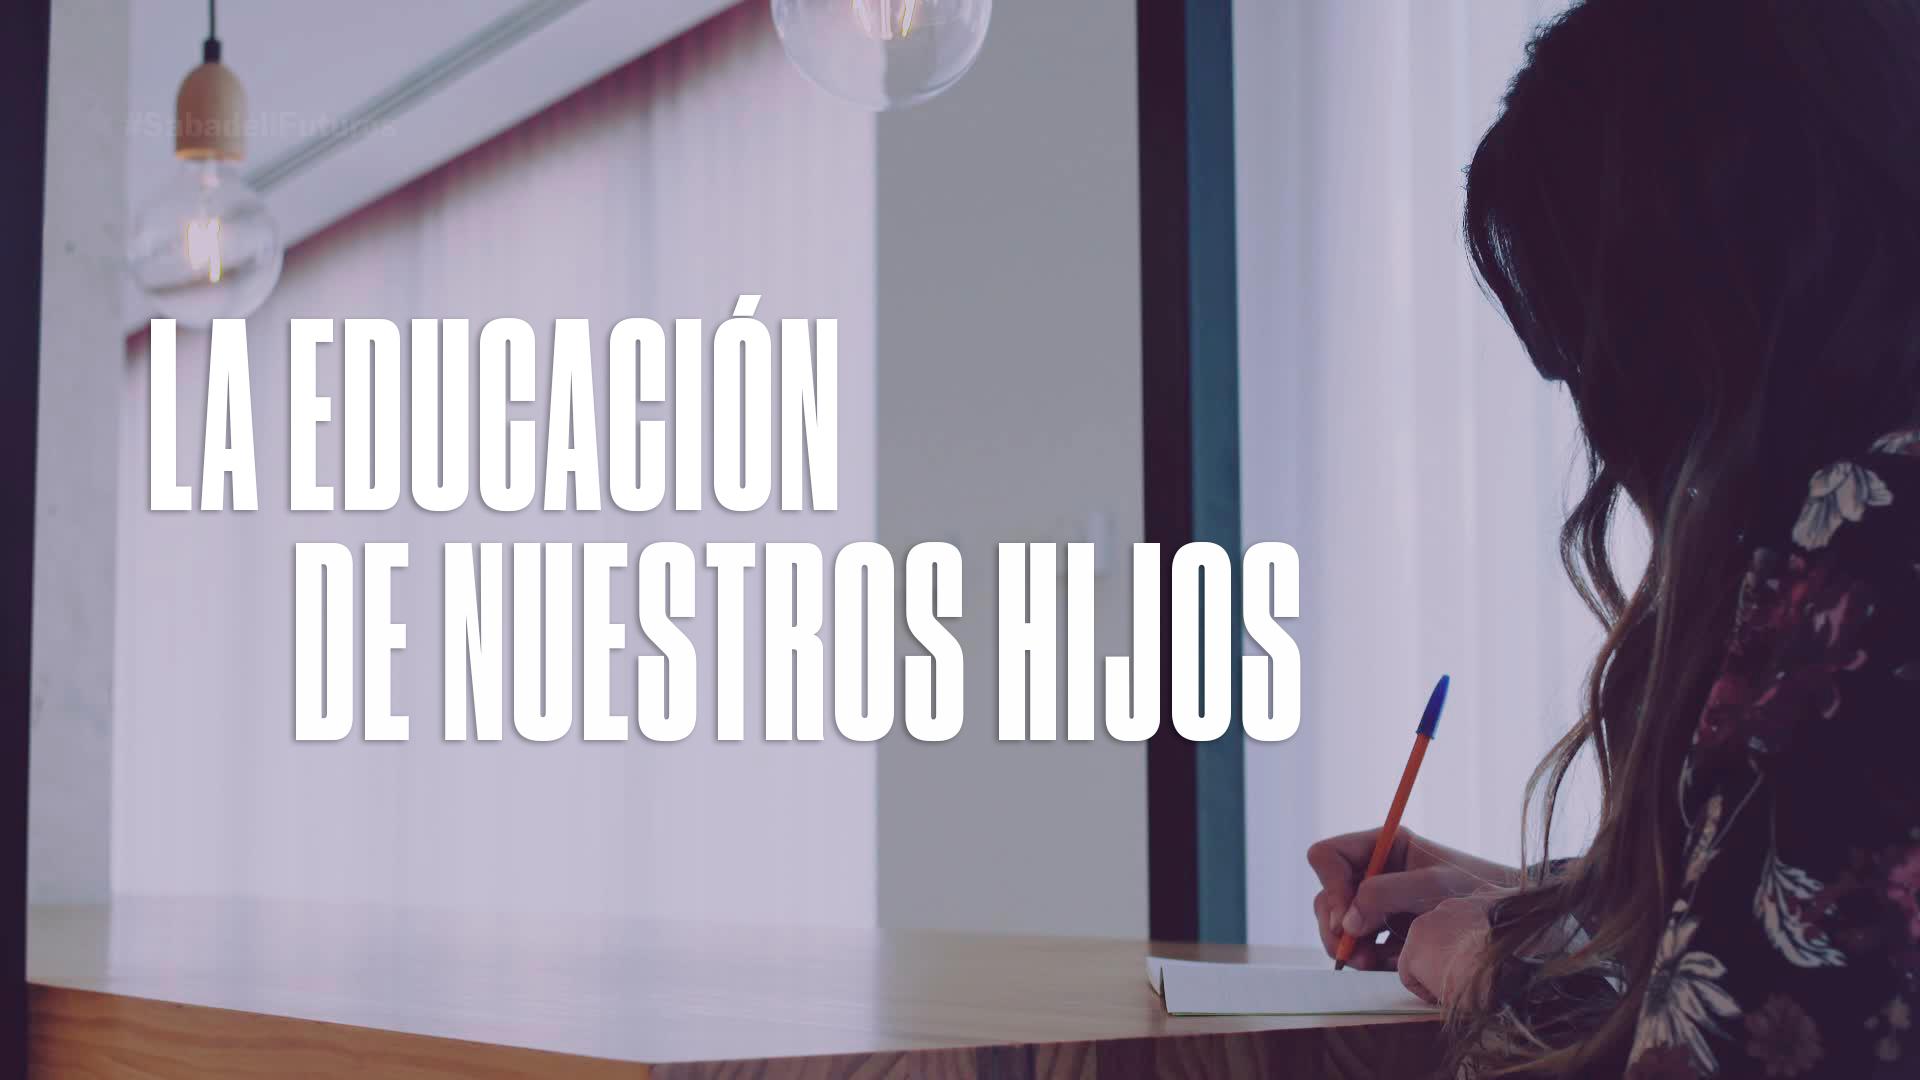 Temporada 1 Las conclusiones sobre la educación de nuestros hijos